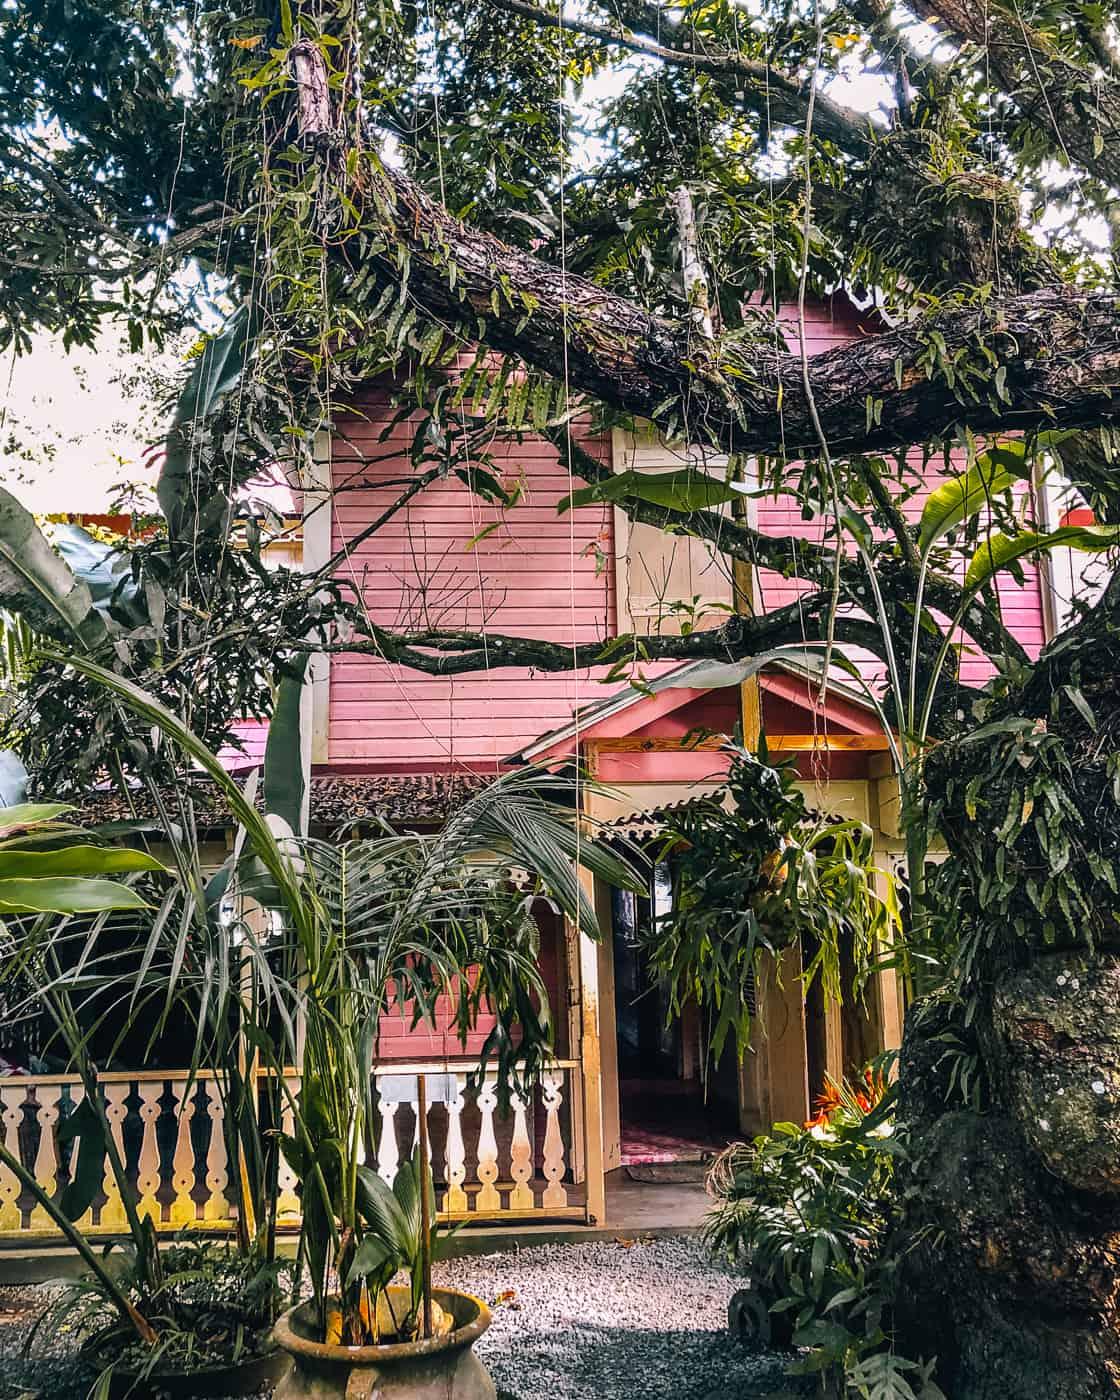 Saint Lucia - Tipps, Sehenswürdigkeiten, Strände & Ausflugsziele auf der Karibik-Insel: Pink Plantation House